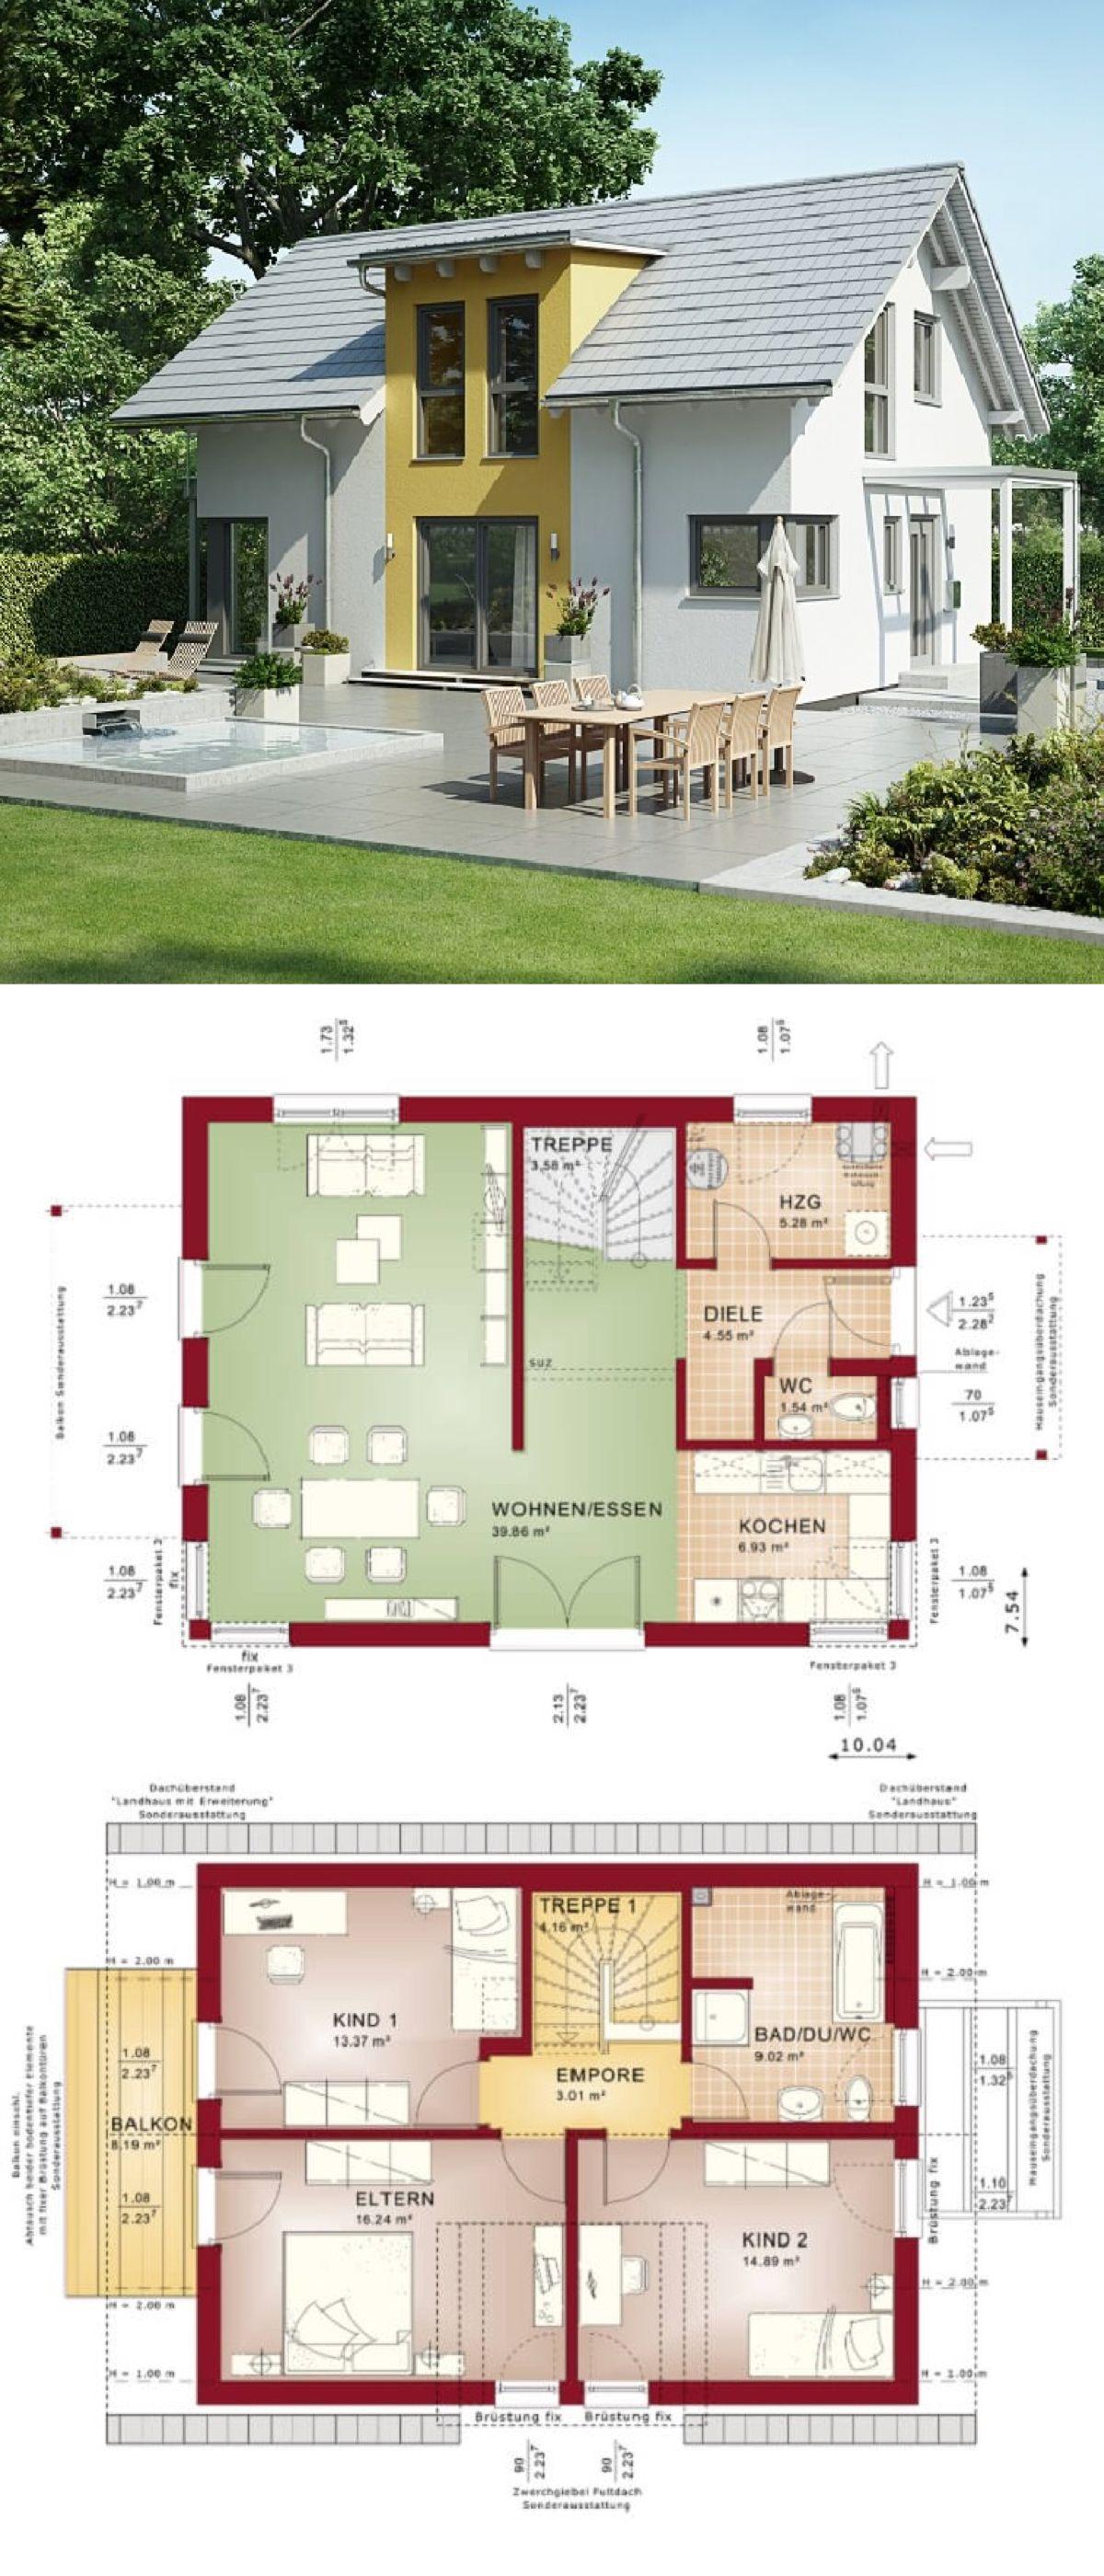 Klassische Einfamilienhaus Architektur Mit Satteldach Haus